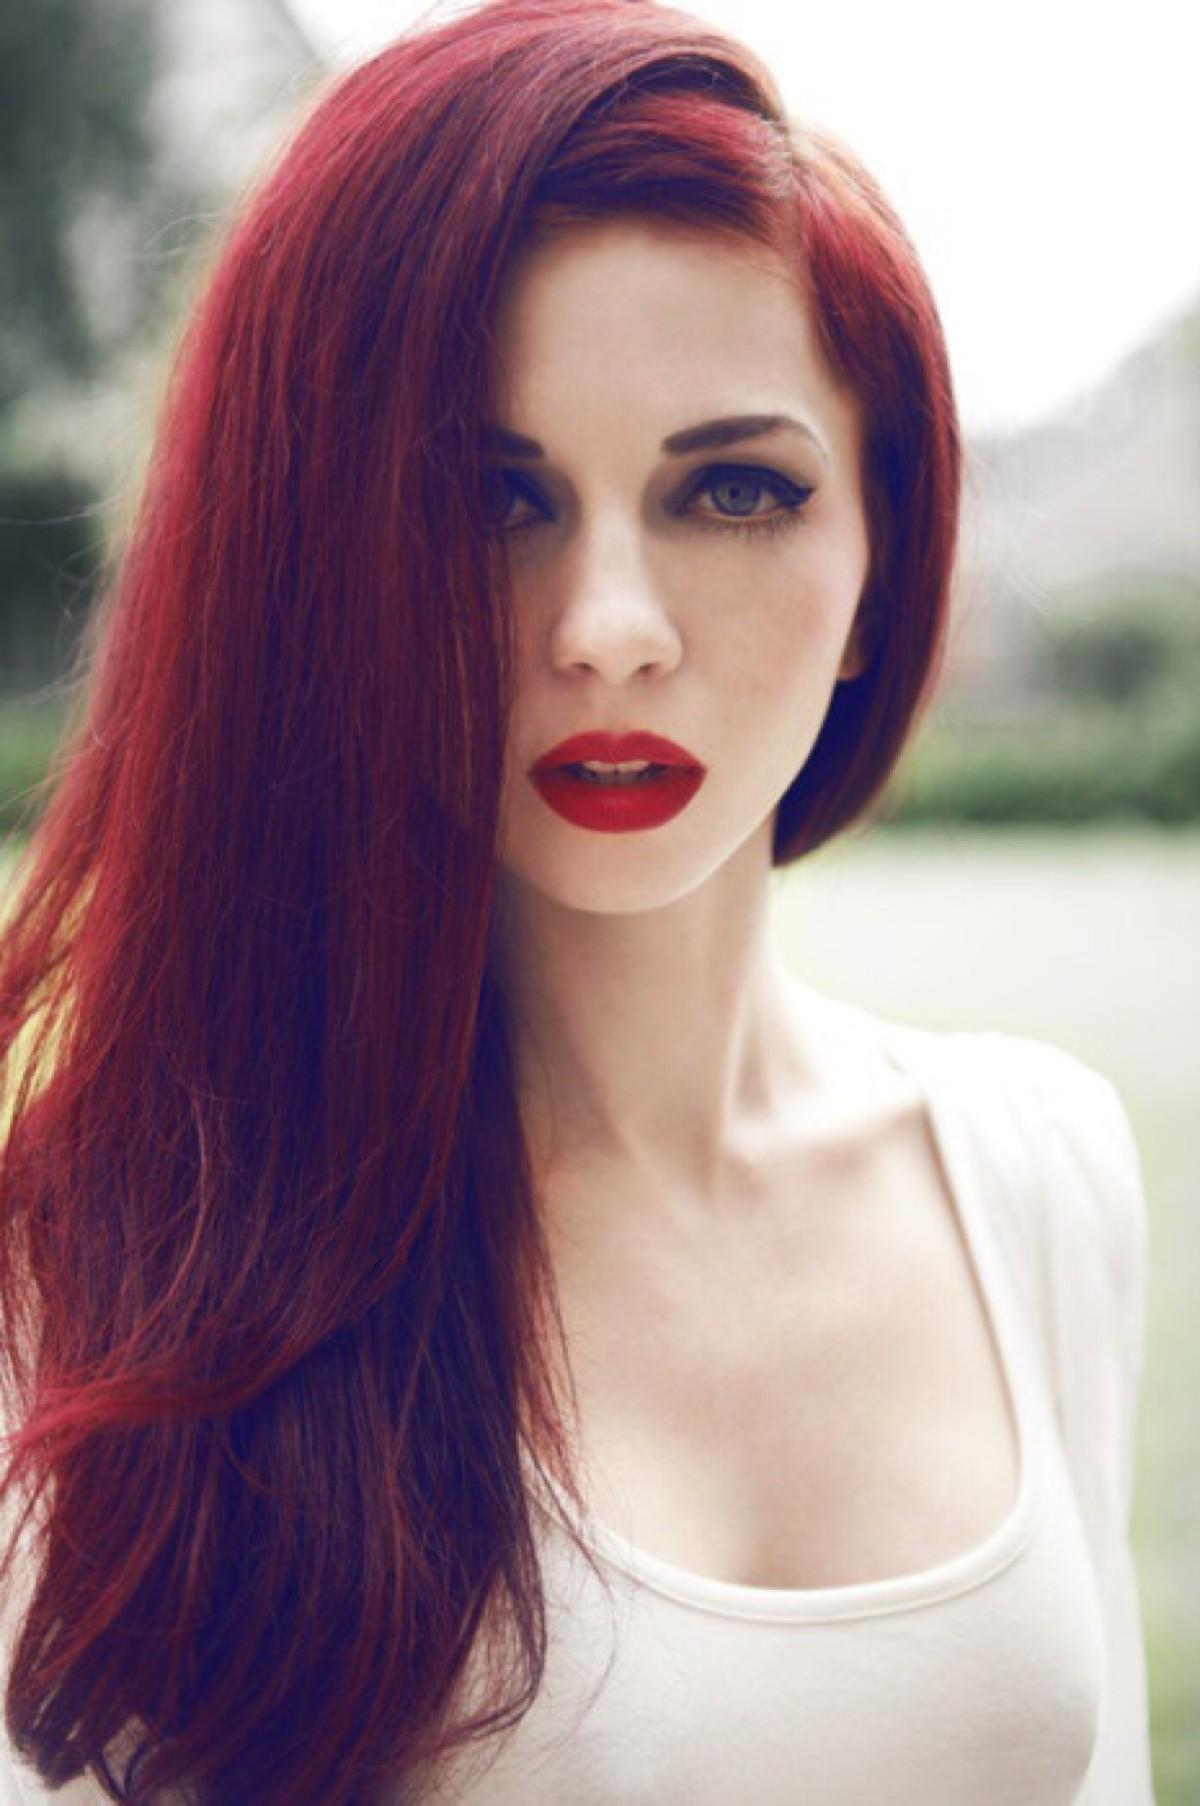 Hintergrundbilder Gesicht Frau Rothaarige Modell Lange Haare